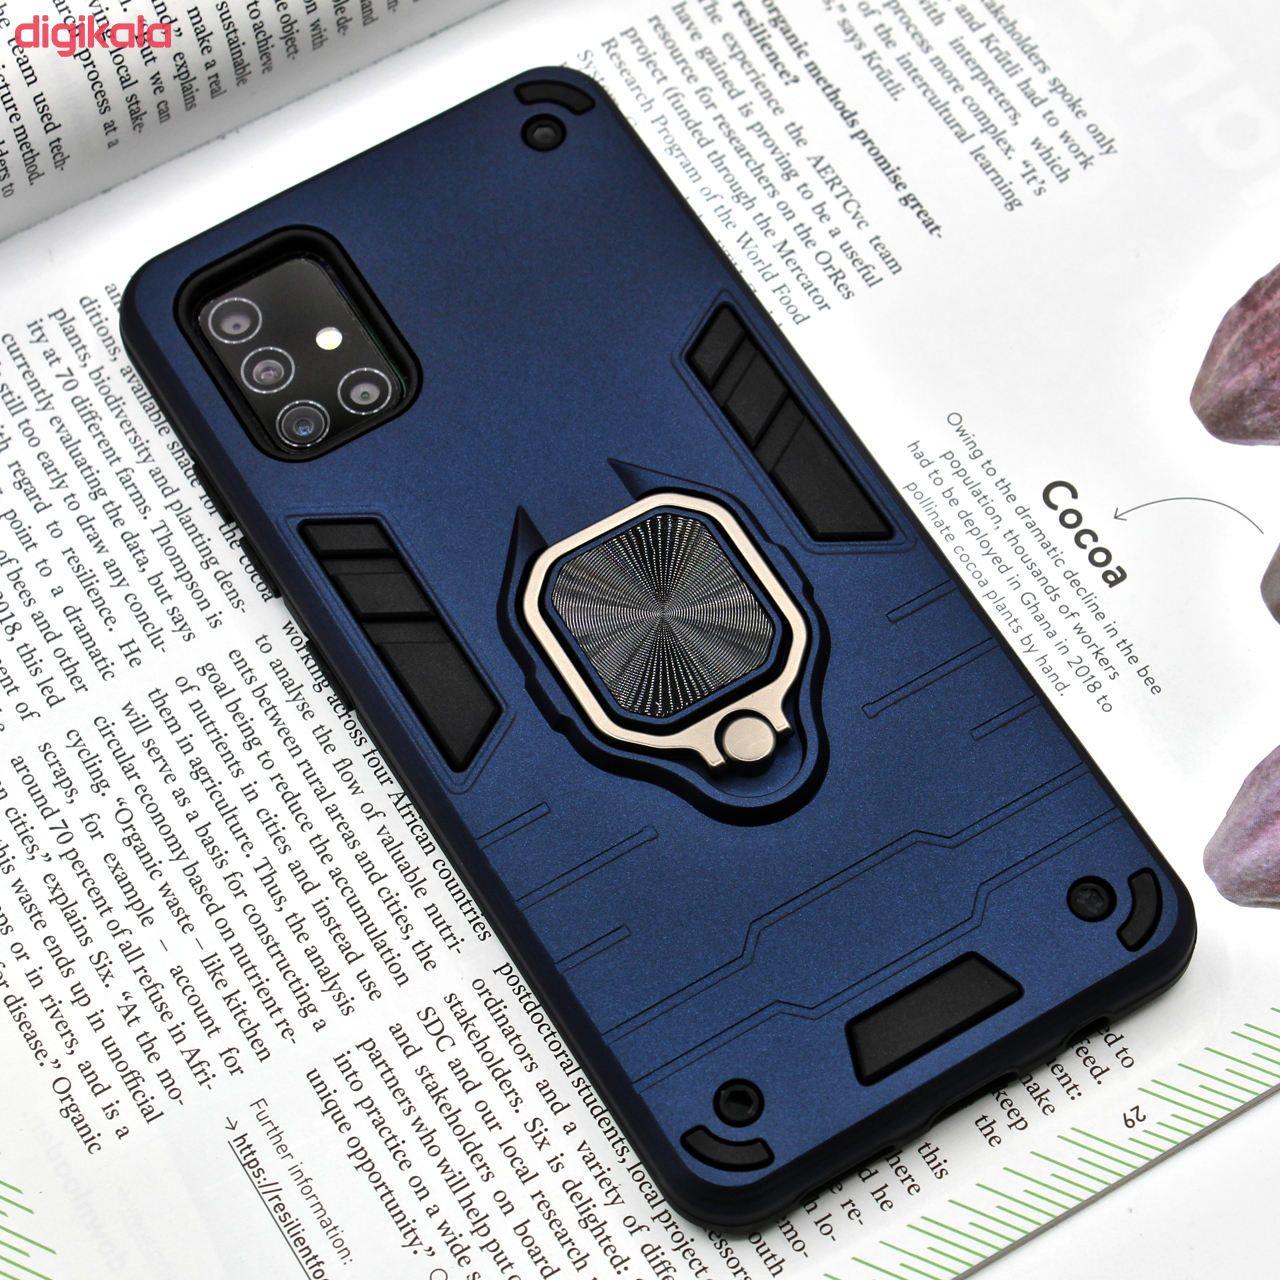 کاور کینگ پاور مدل ASH22 مناسب برای گوشی موبایل سامسونگ Galaxy A31 main 1 6